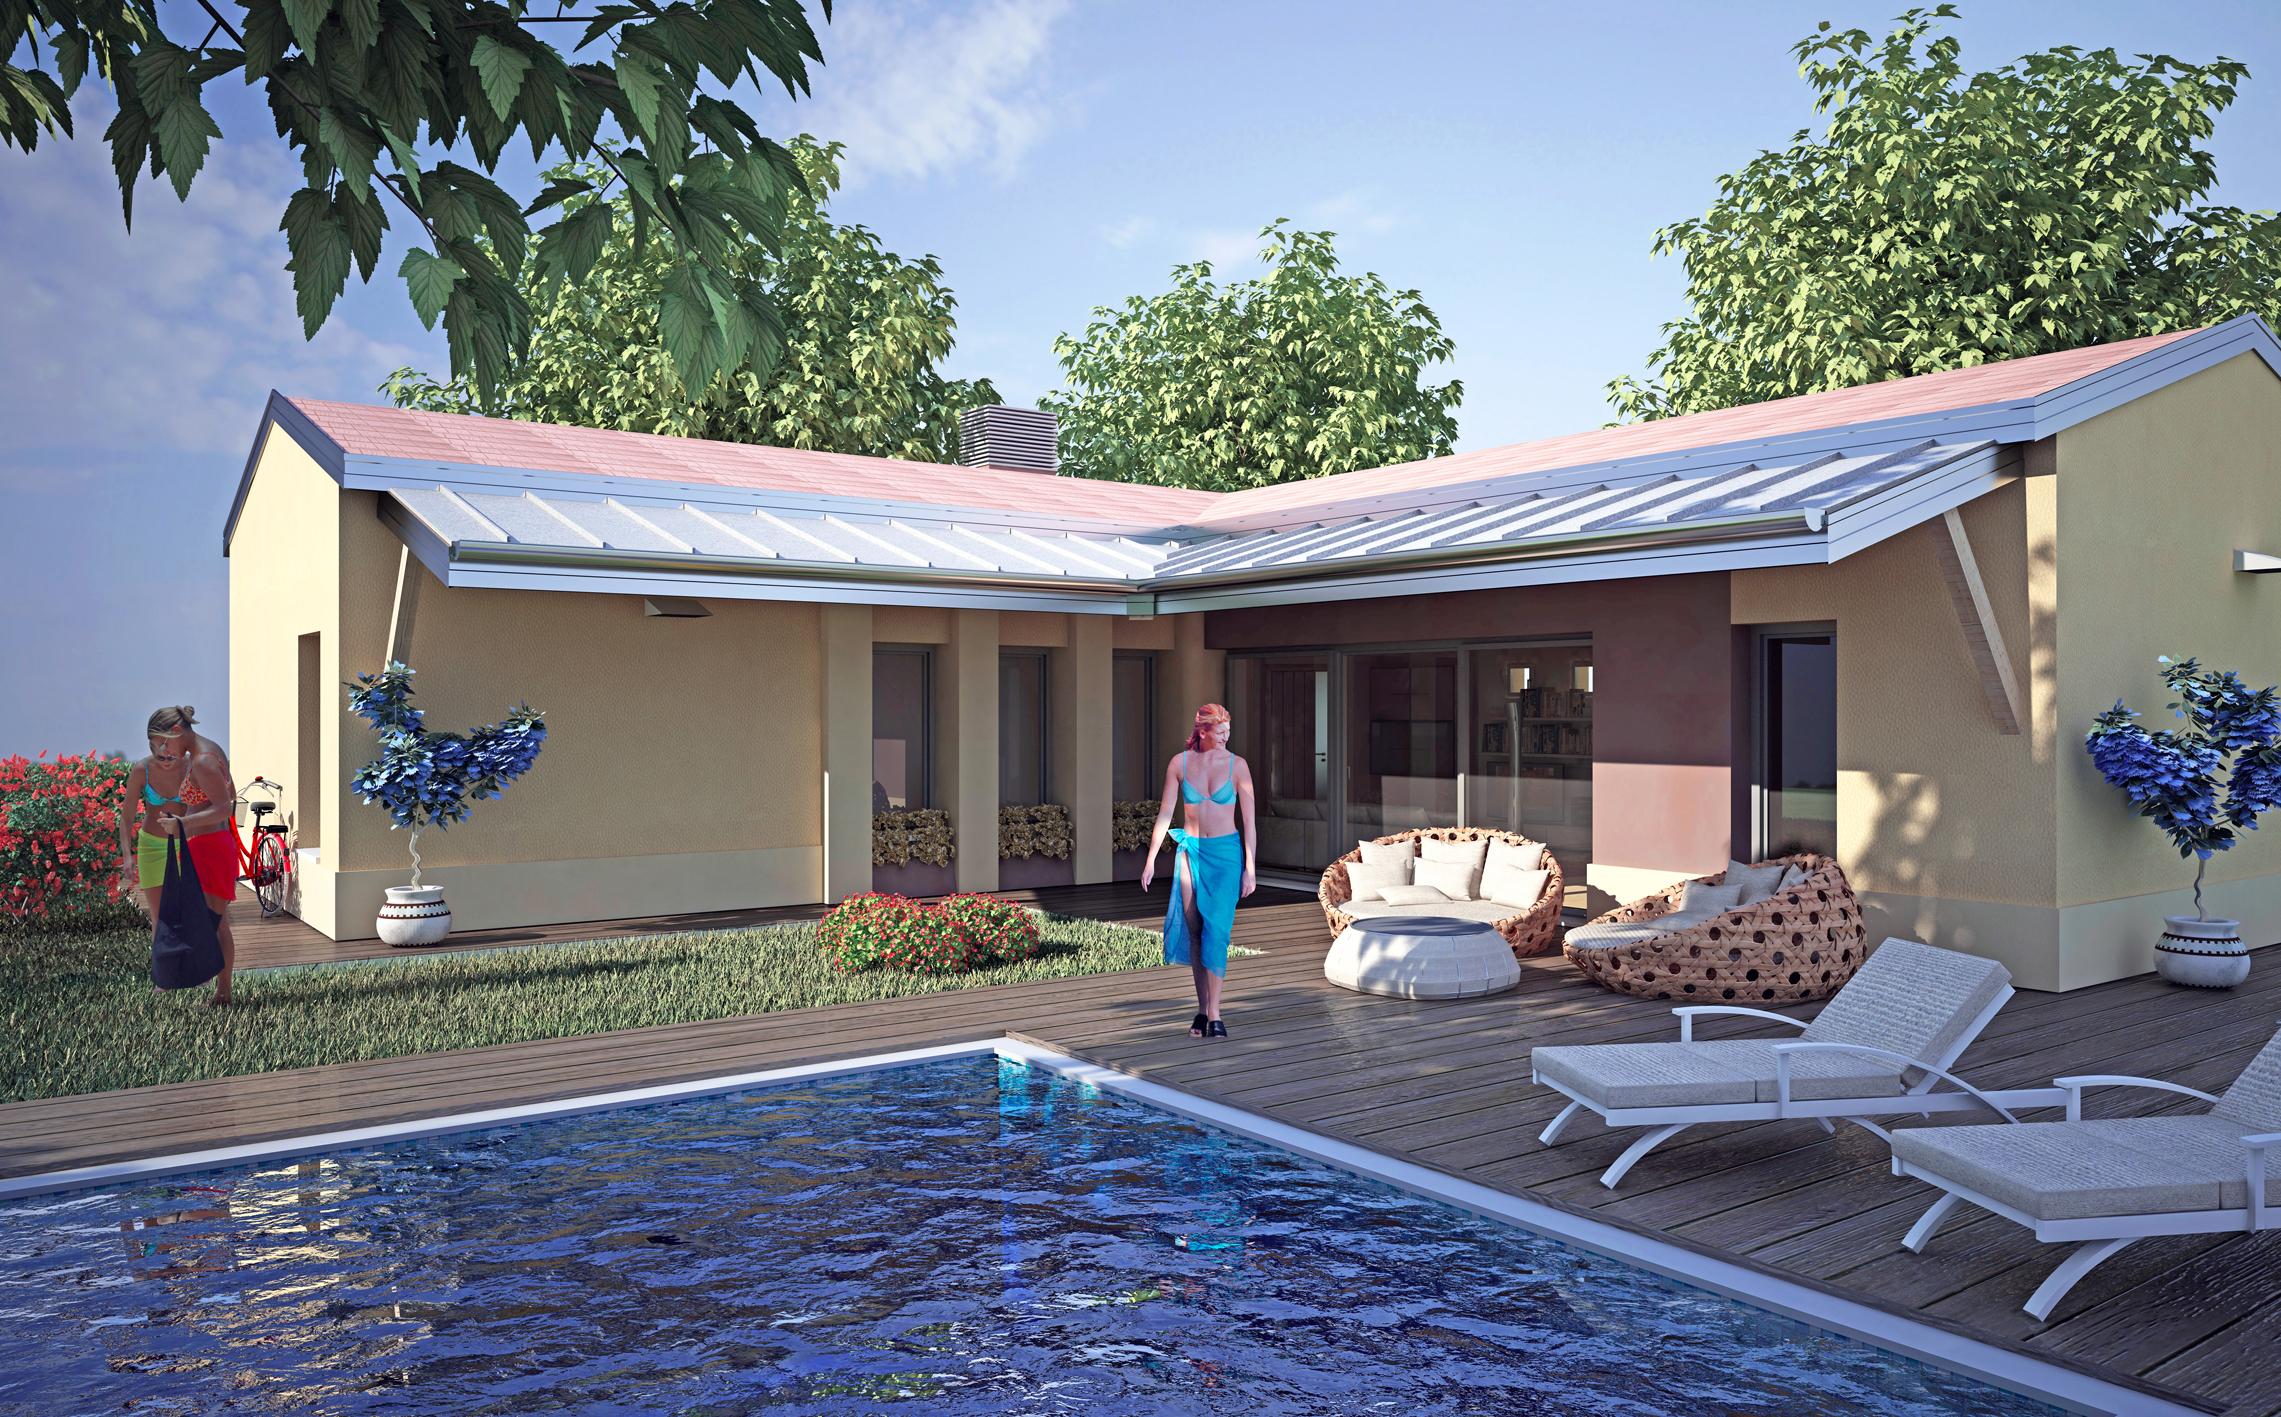 San pietro in casale progetto villa con piscina - Progetto villa con piscina ...